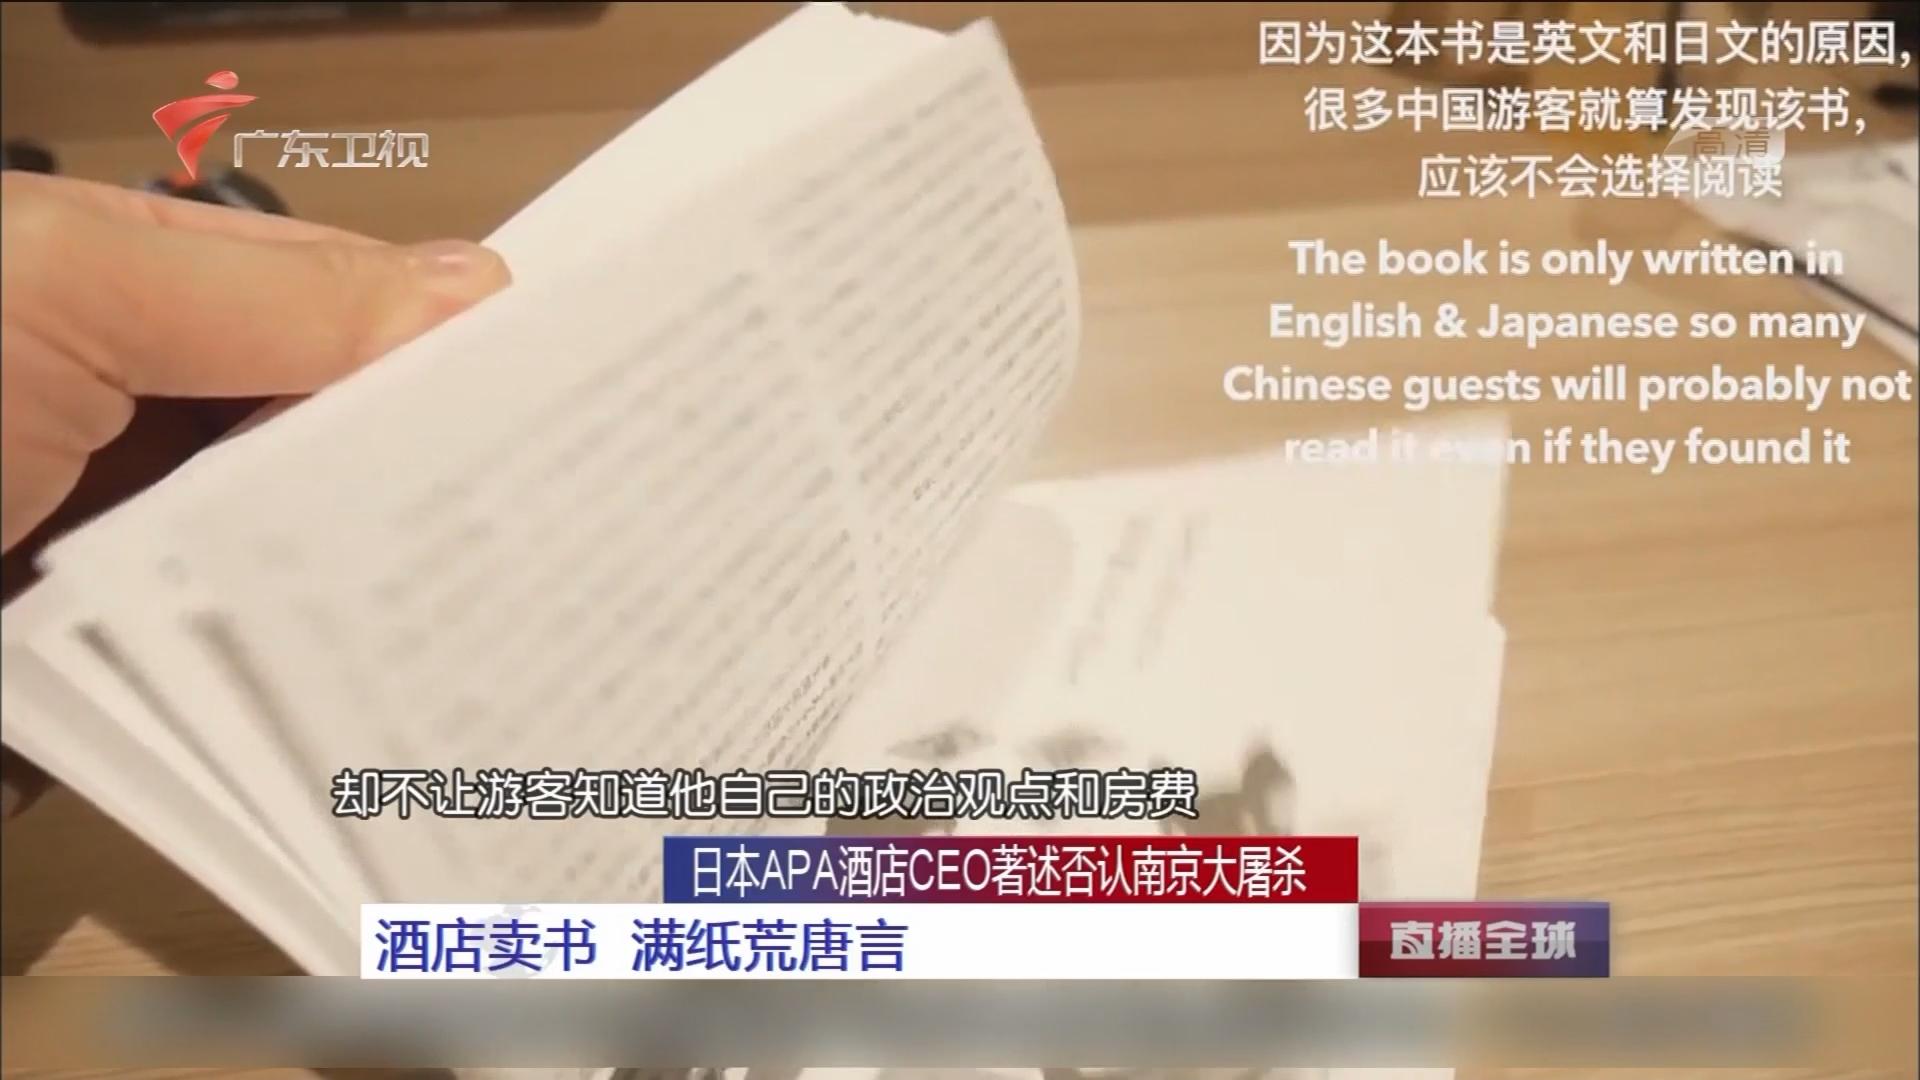 日本APA酒店CEO著述否认南京大屠杀:酒店卖书 满纸荒唐言